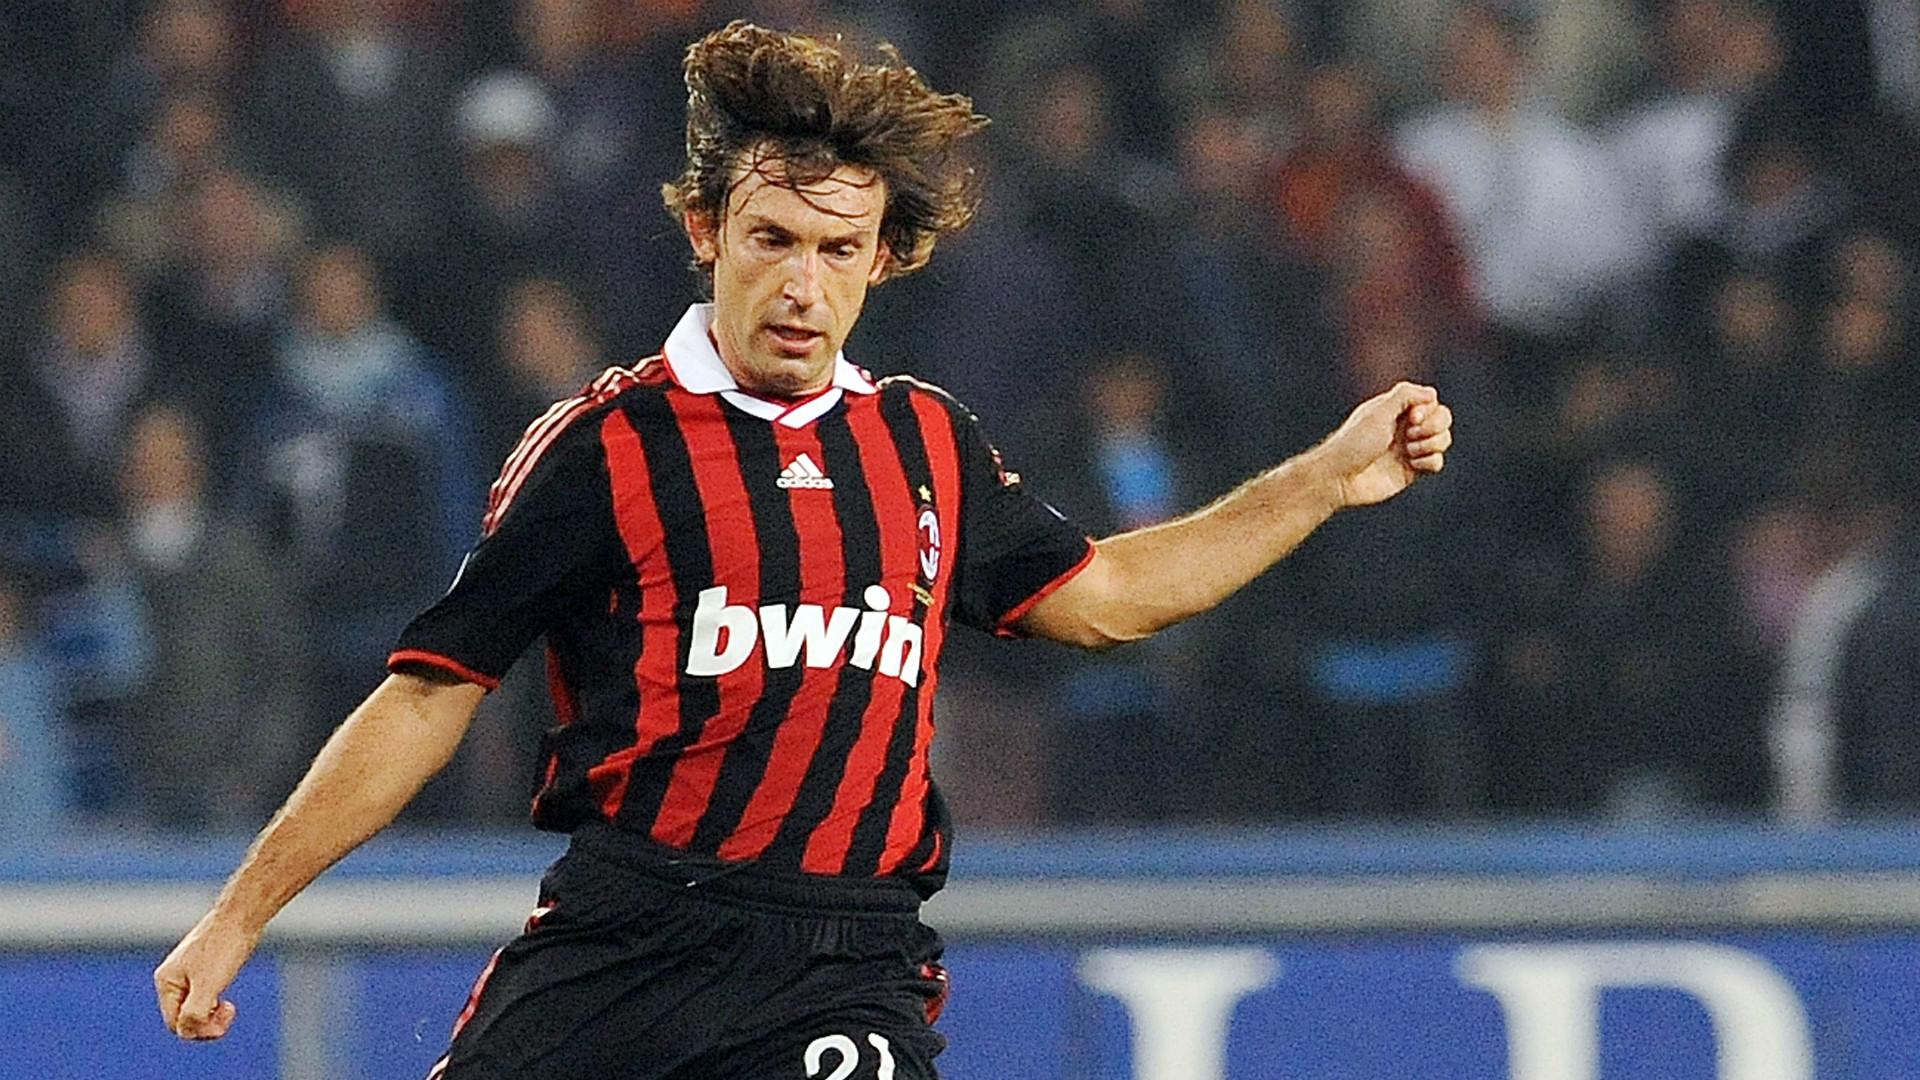 Andrea Pirlo cobrando falta em jogo do Milan